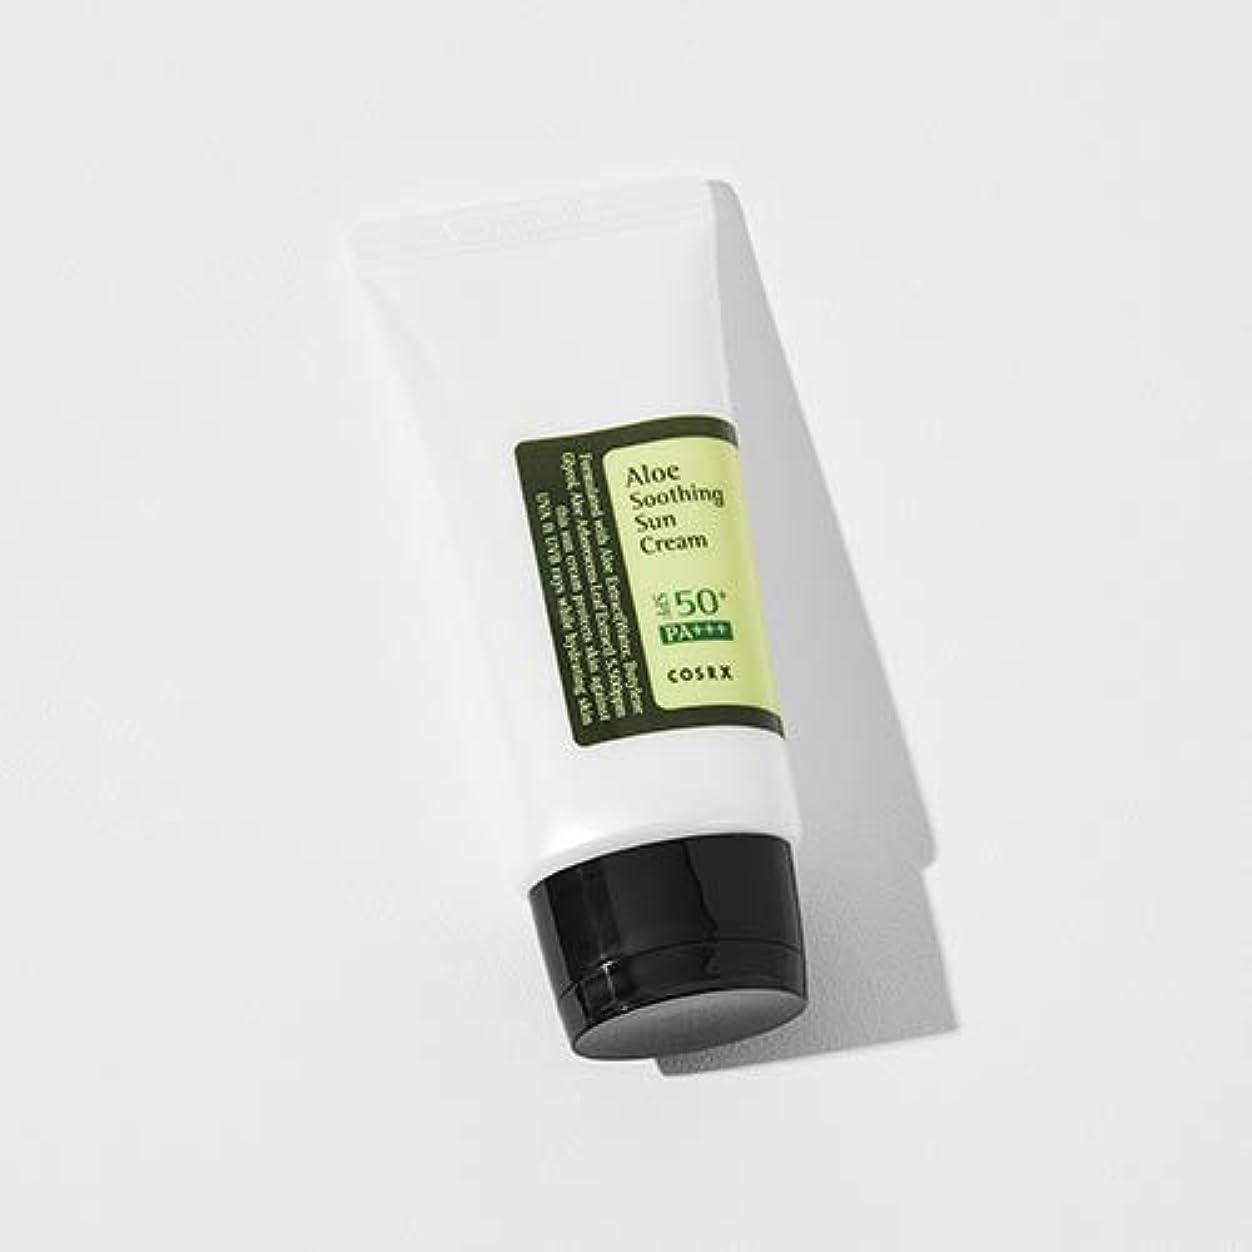 まともな非難回復[COSRX] Aloe Soothing Sun Cream 50ml / [COSRX] アロエ スーディング サンクリーム 50ml [並行輸入品]